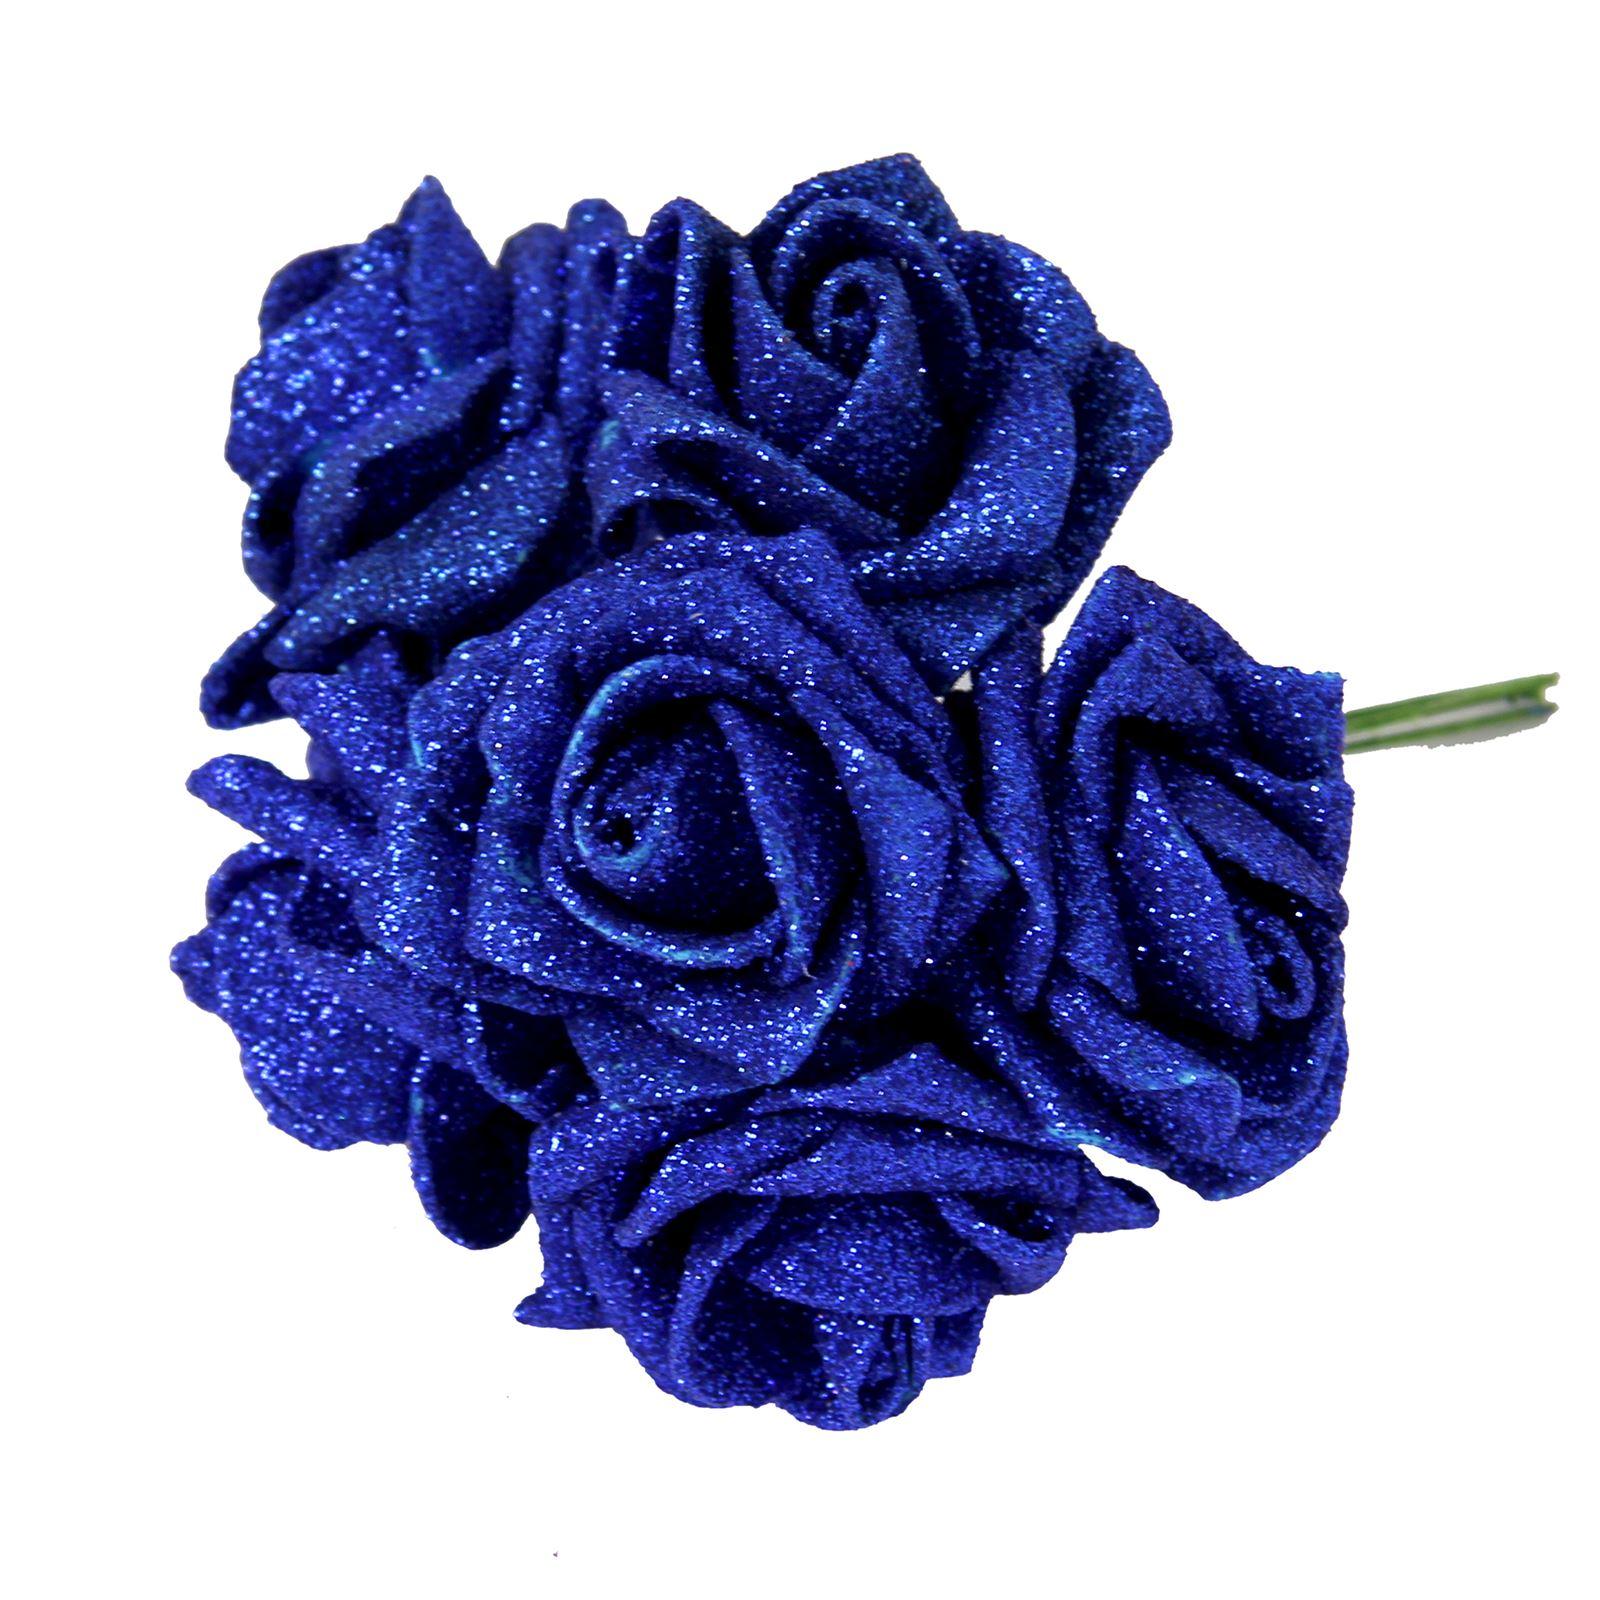 Full Glittered Foam Roses Artificial Flowers Bling Glittery Shiny